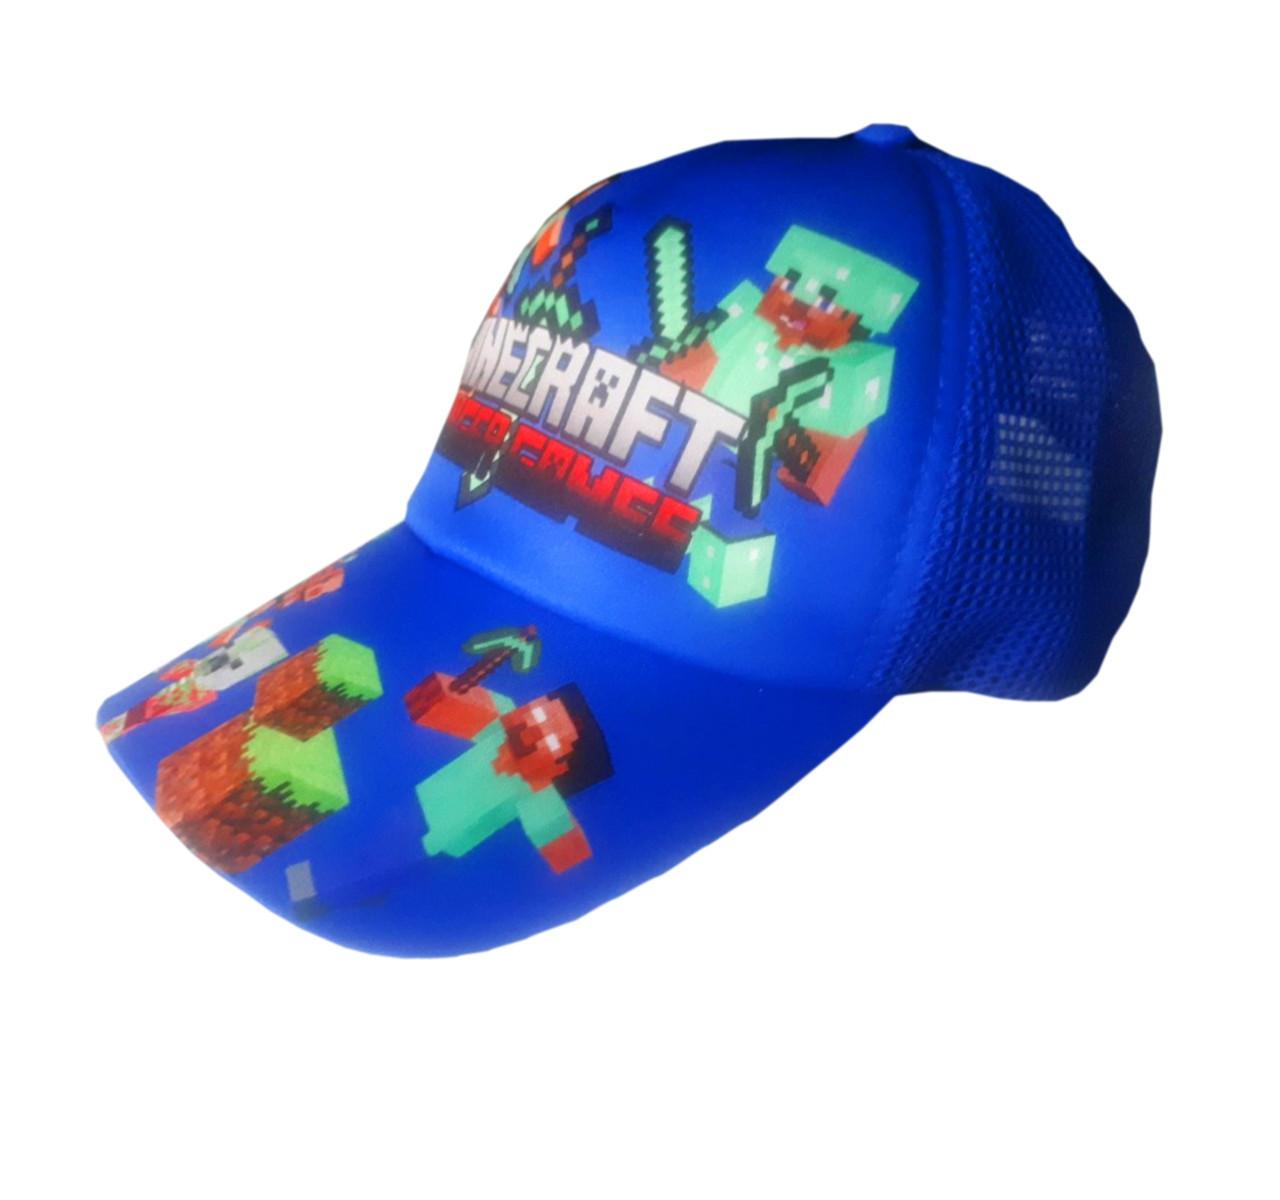 Детская летняя кепка Майнкрафт с сеточкой, цвет синий, панамка MinecraНет в наличии